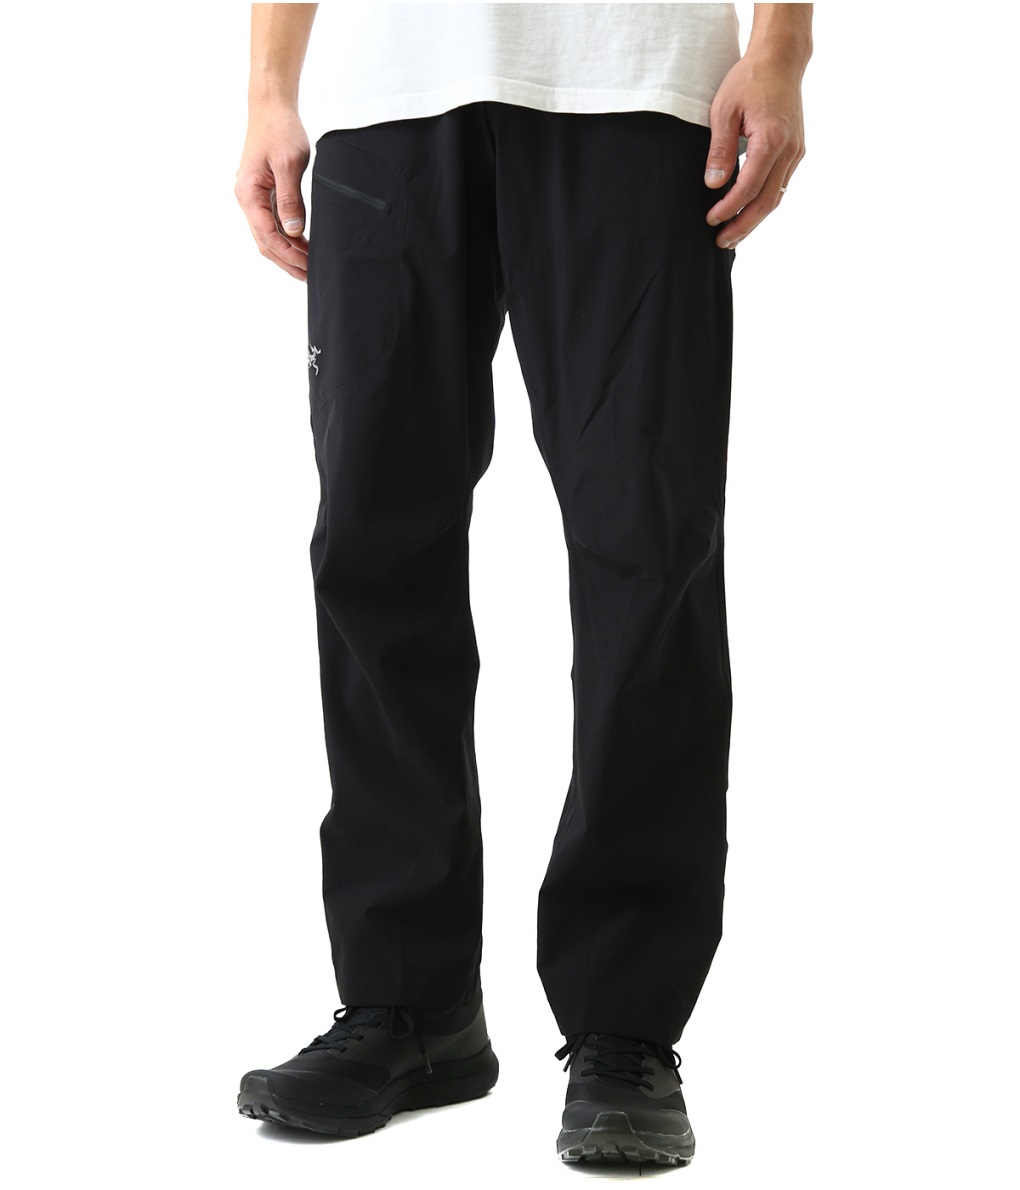 ARC'TERYX / アークテリクス : Lefroy Pant Men's -length:30inch- : スポーツ アークテリクス レフロイ パンツ メンズ : L06992200 【STD】